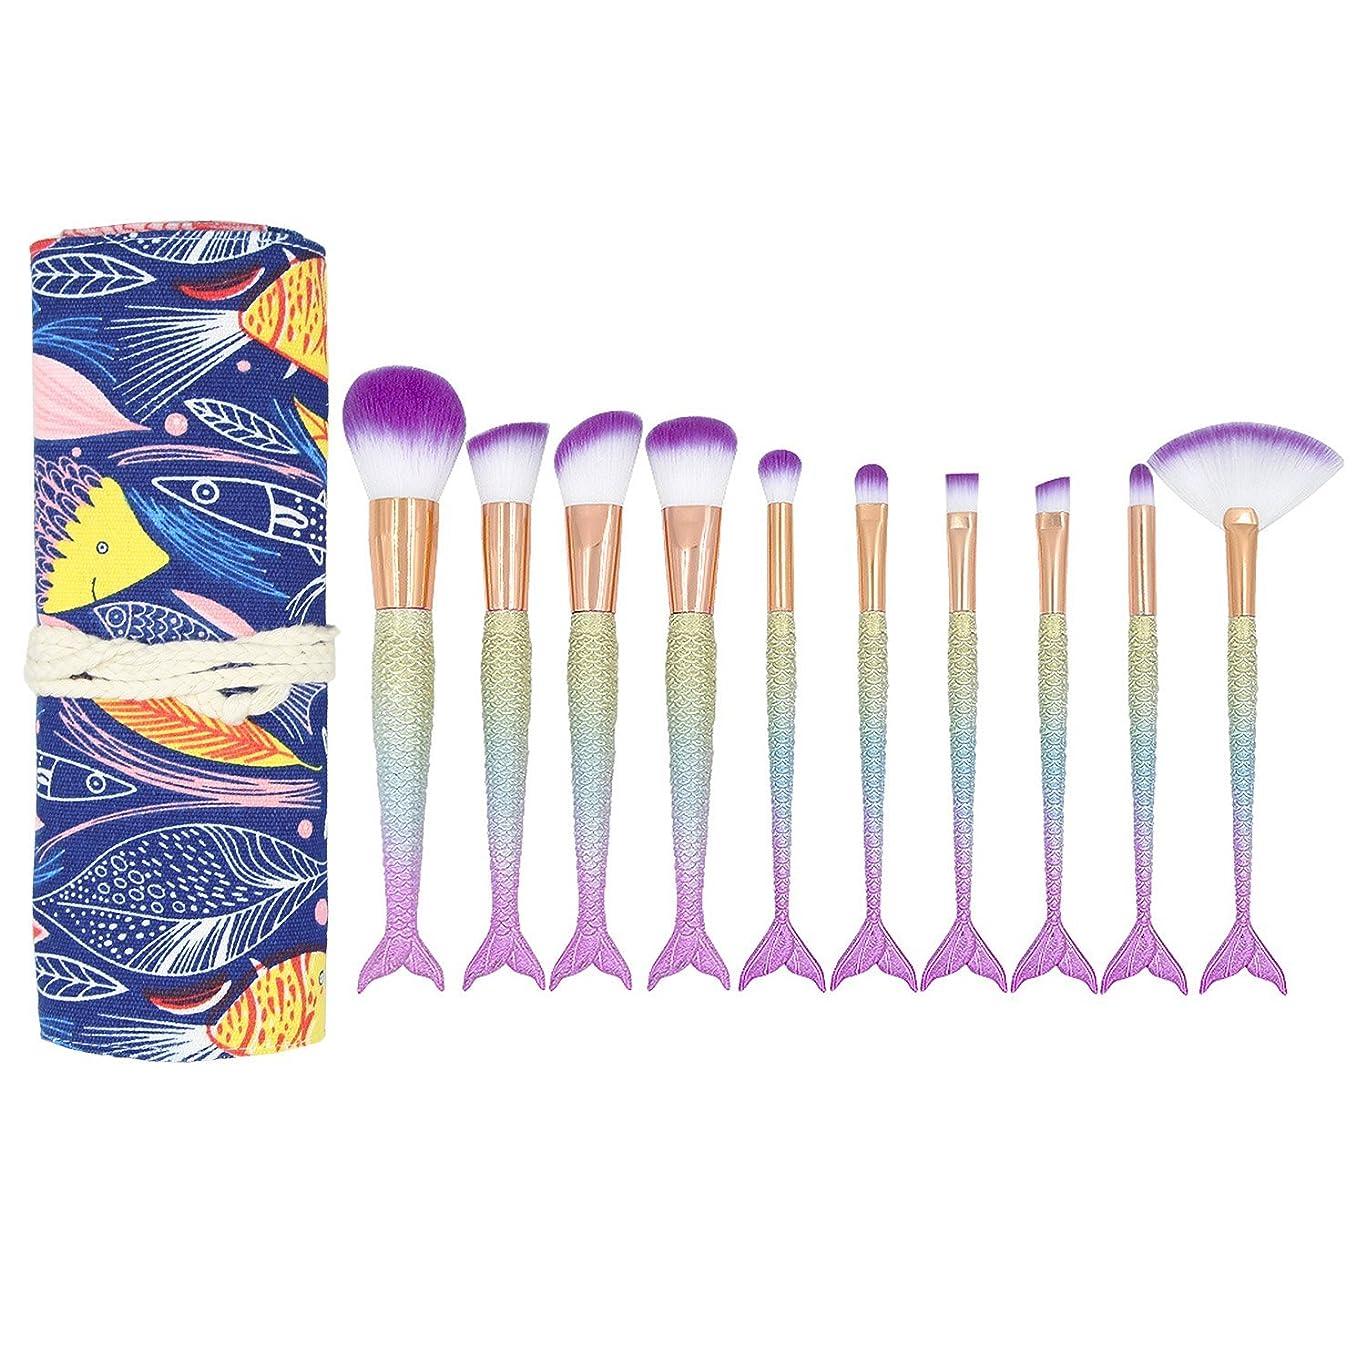 ゴージャス乱気流資本人魚姫 メイクブラシセット 10本セット 専用手作りの布芸化粧ポーチ付き 人気 化粧ブラシ ふわふわ お肌に優しい 毛量たっぷり メイク道具 プレゼント